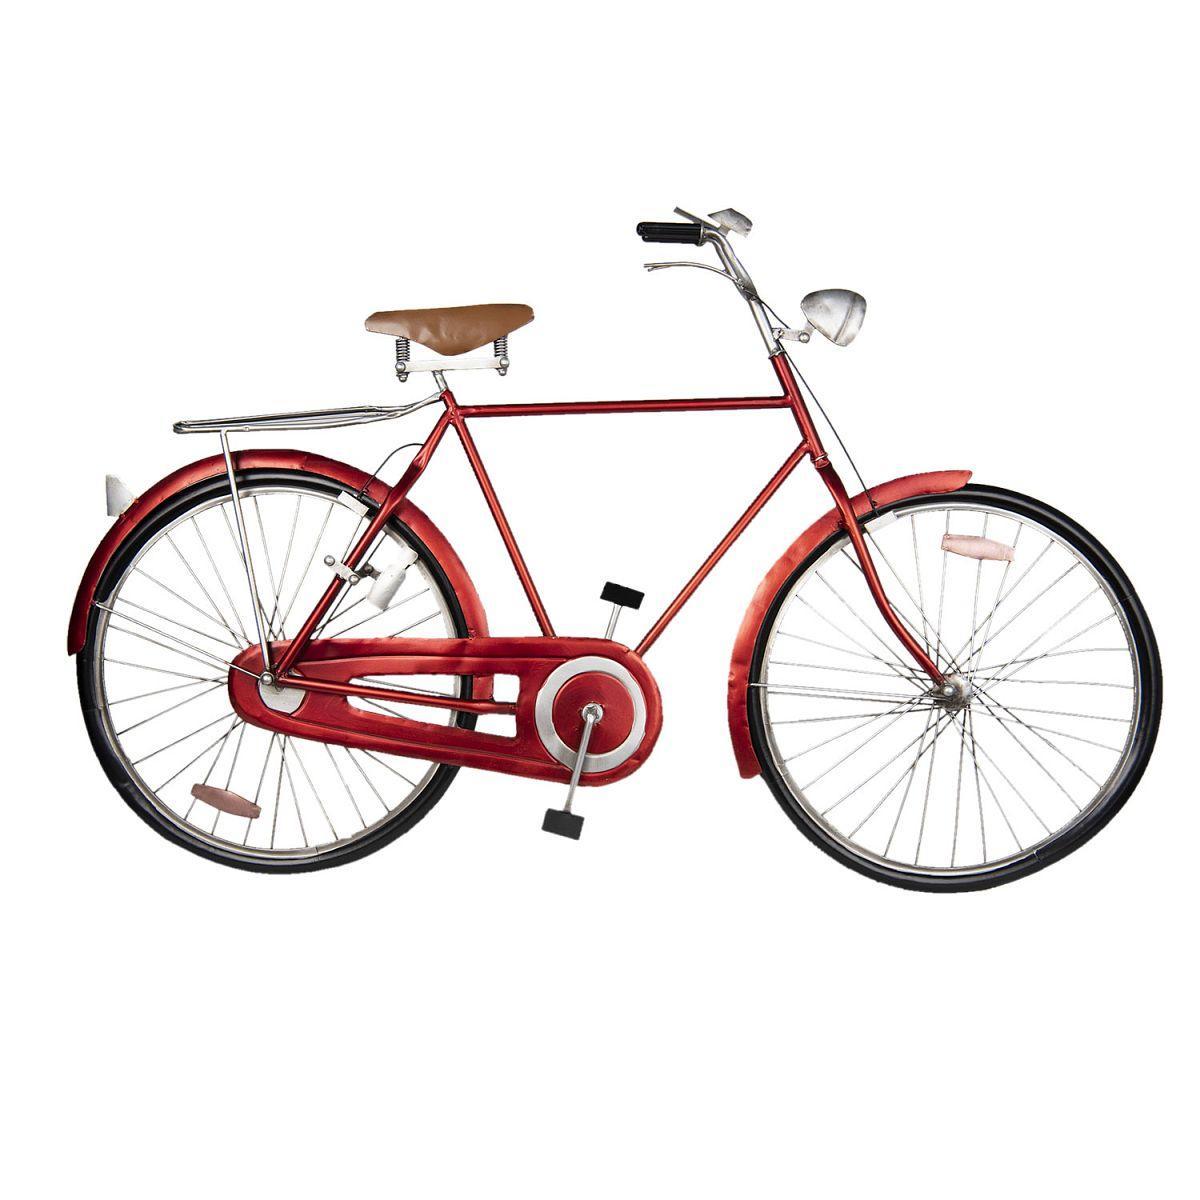 Nástěnná dekorace BICYCLE